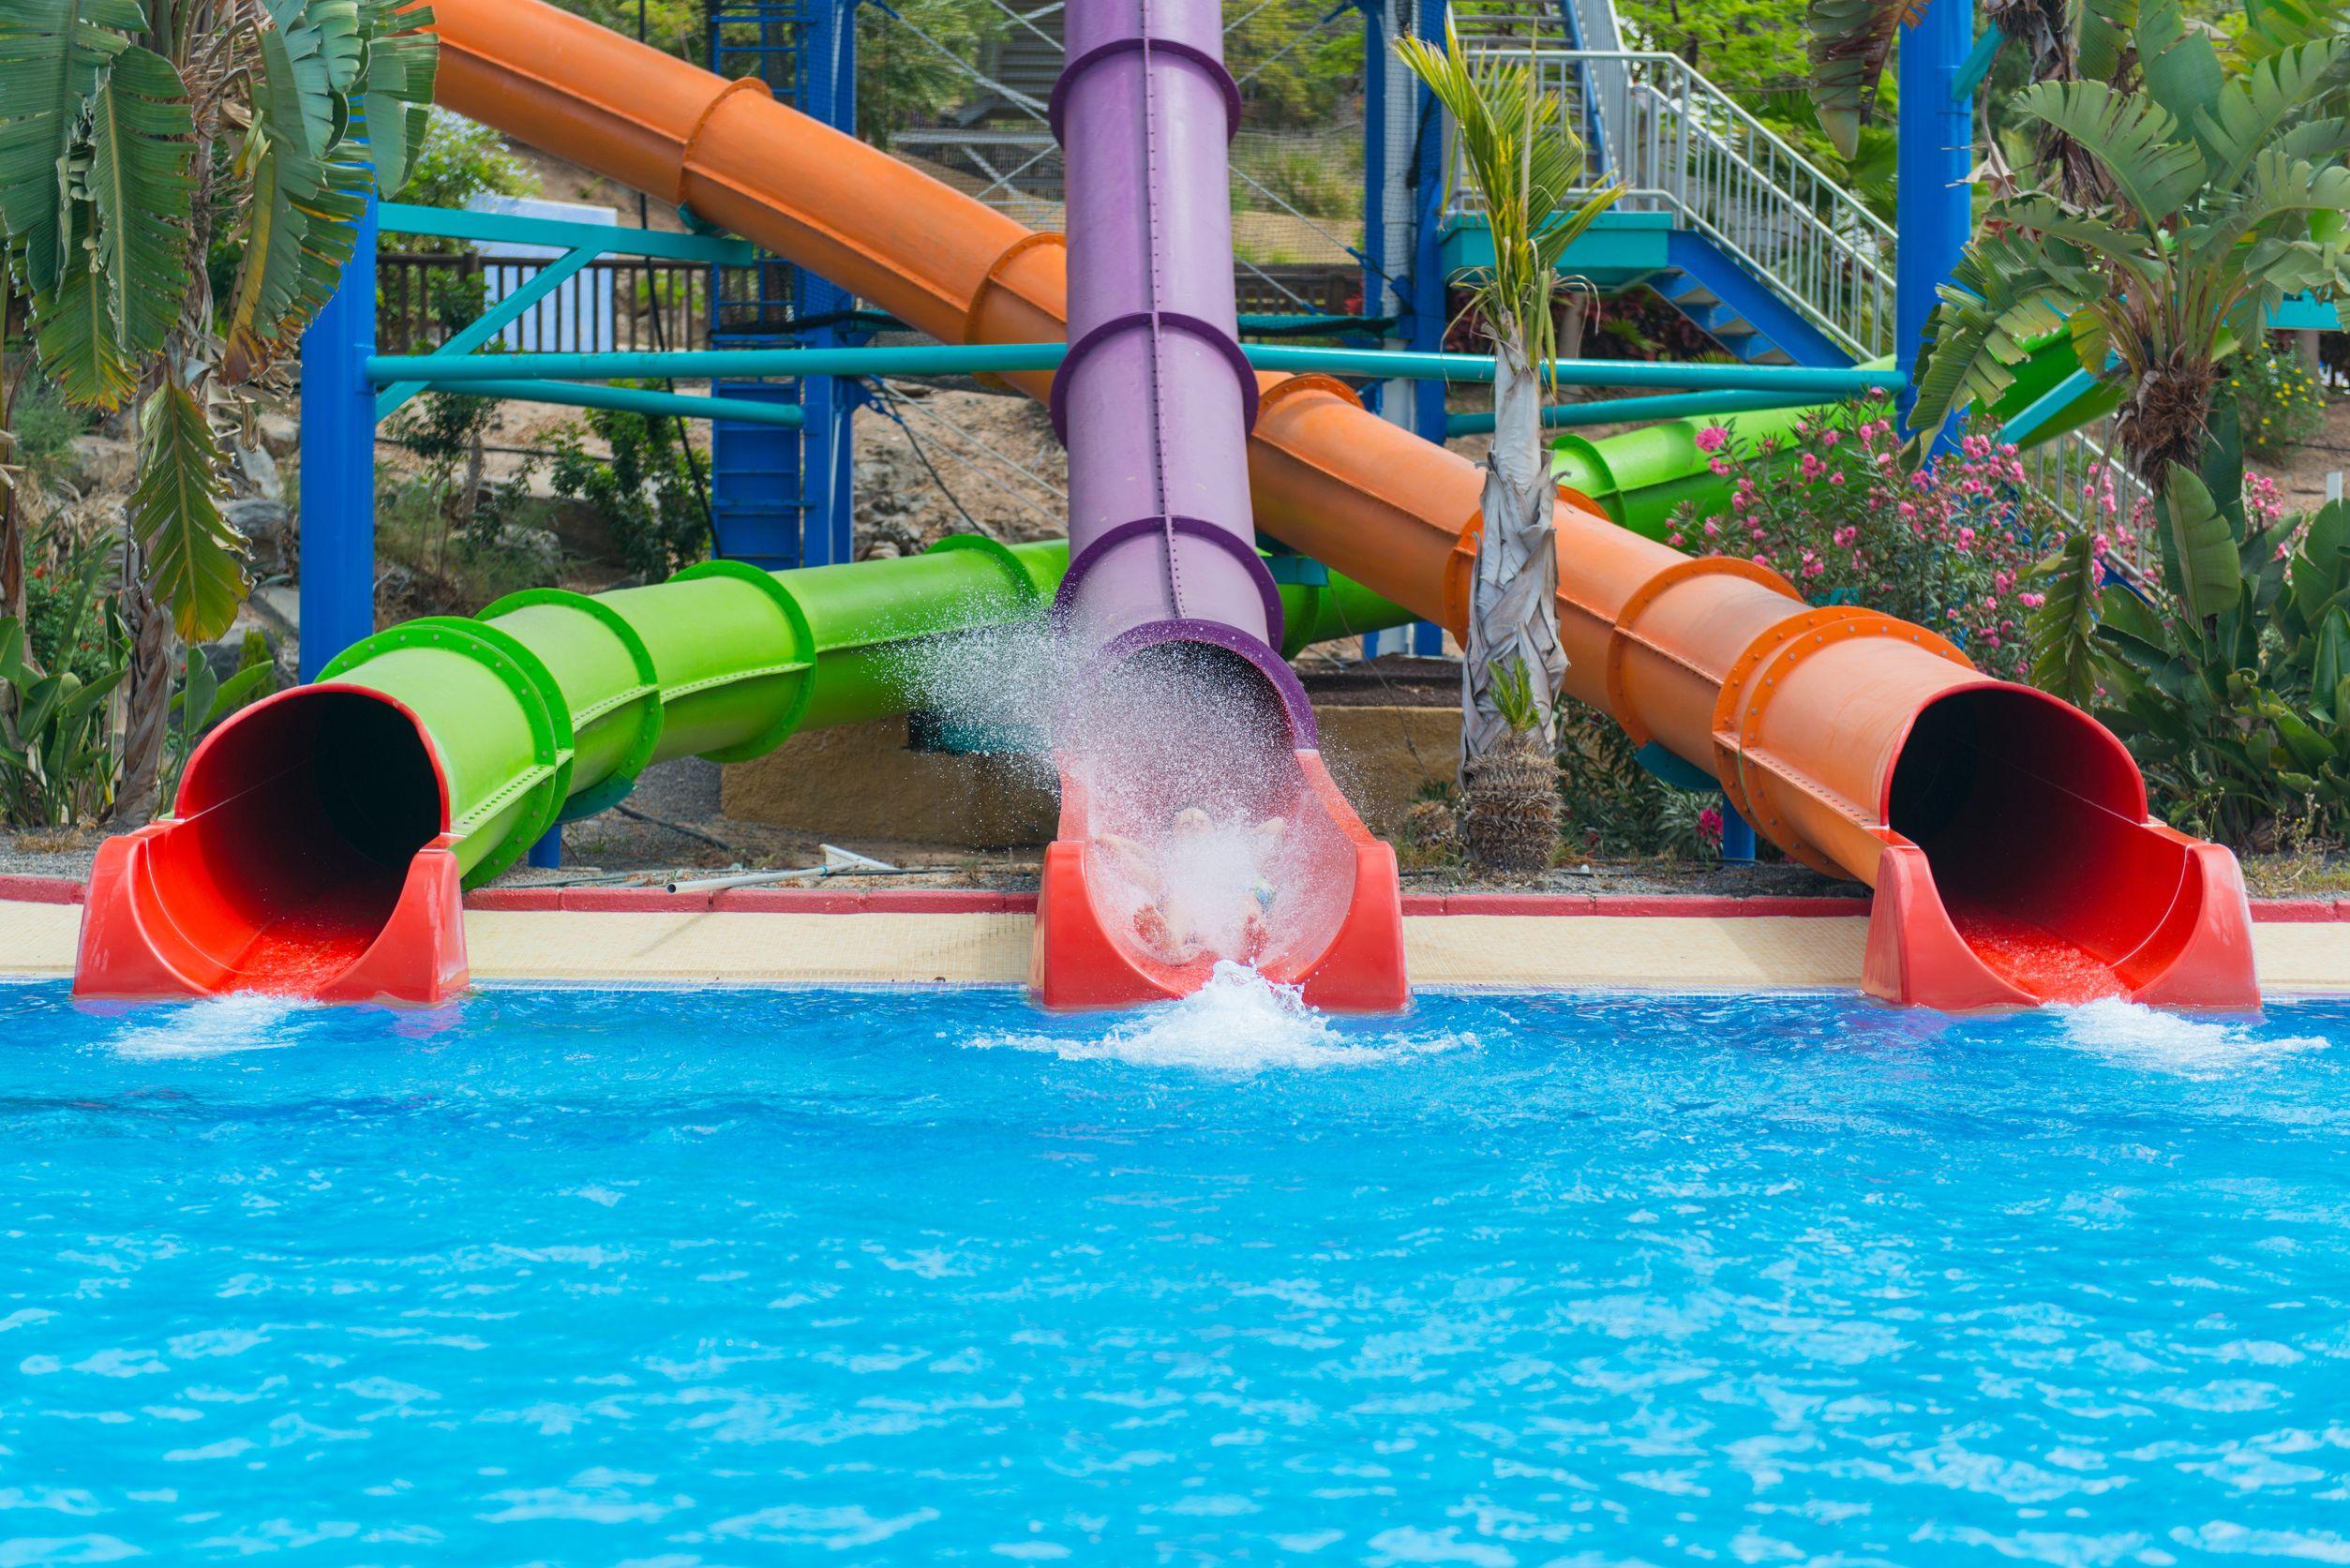 spanje zwembad met glijbanen